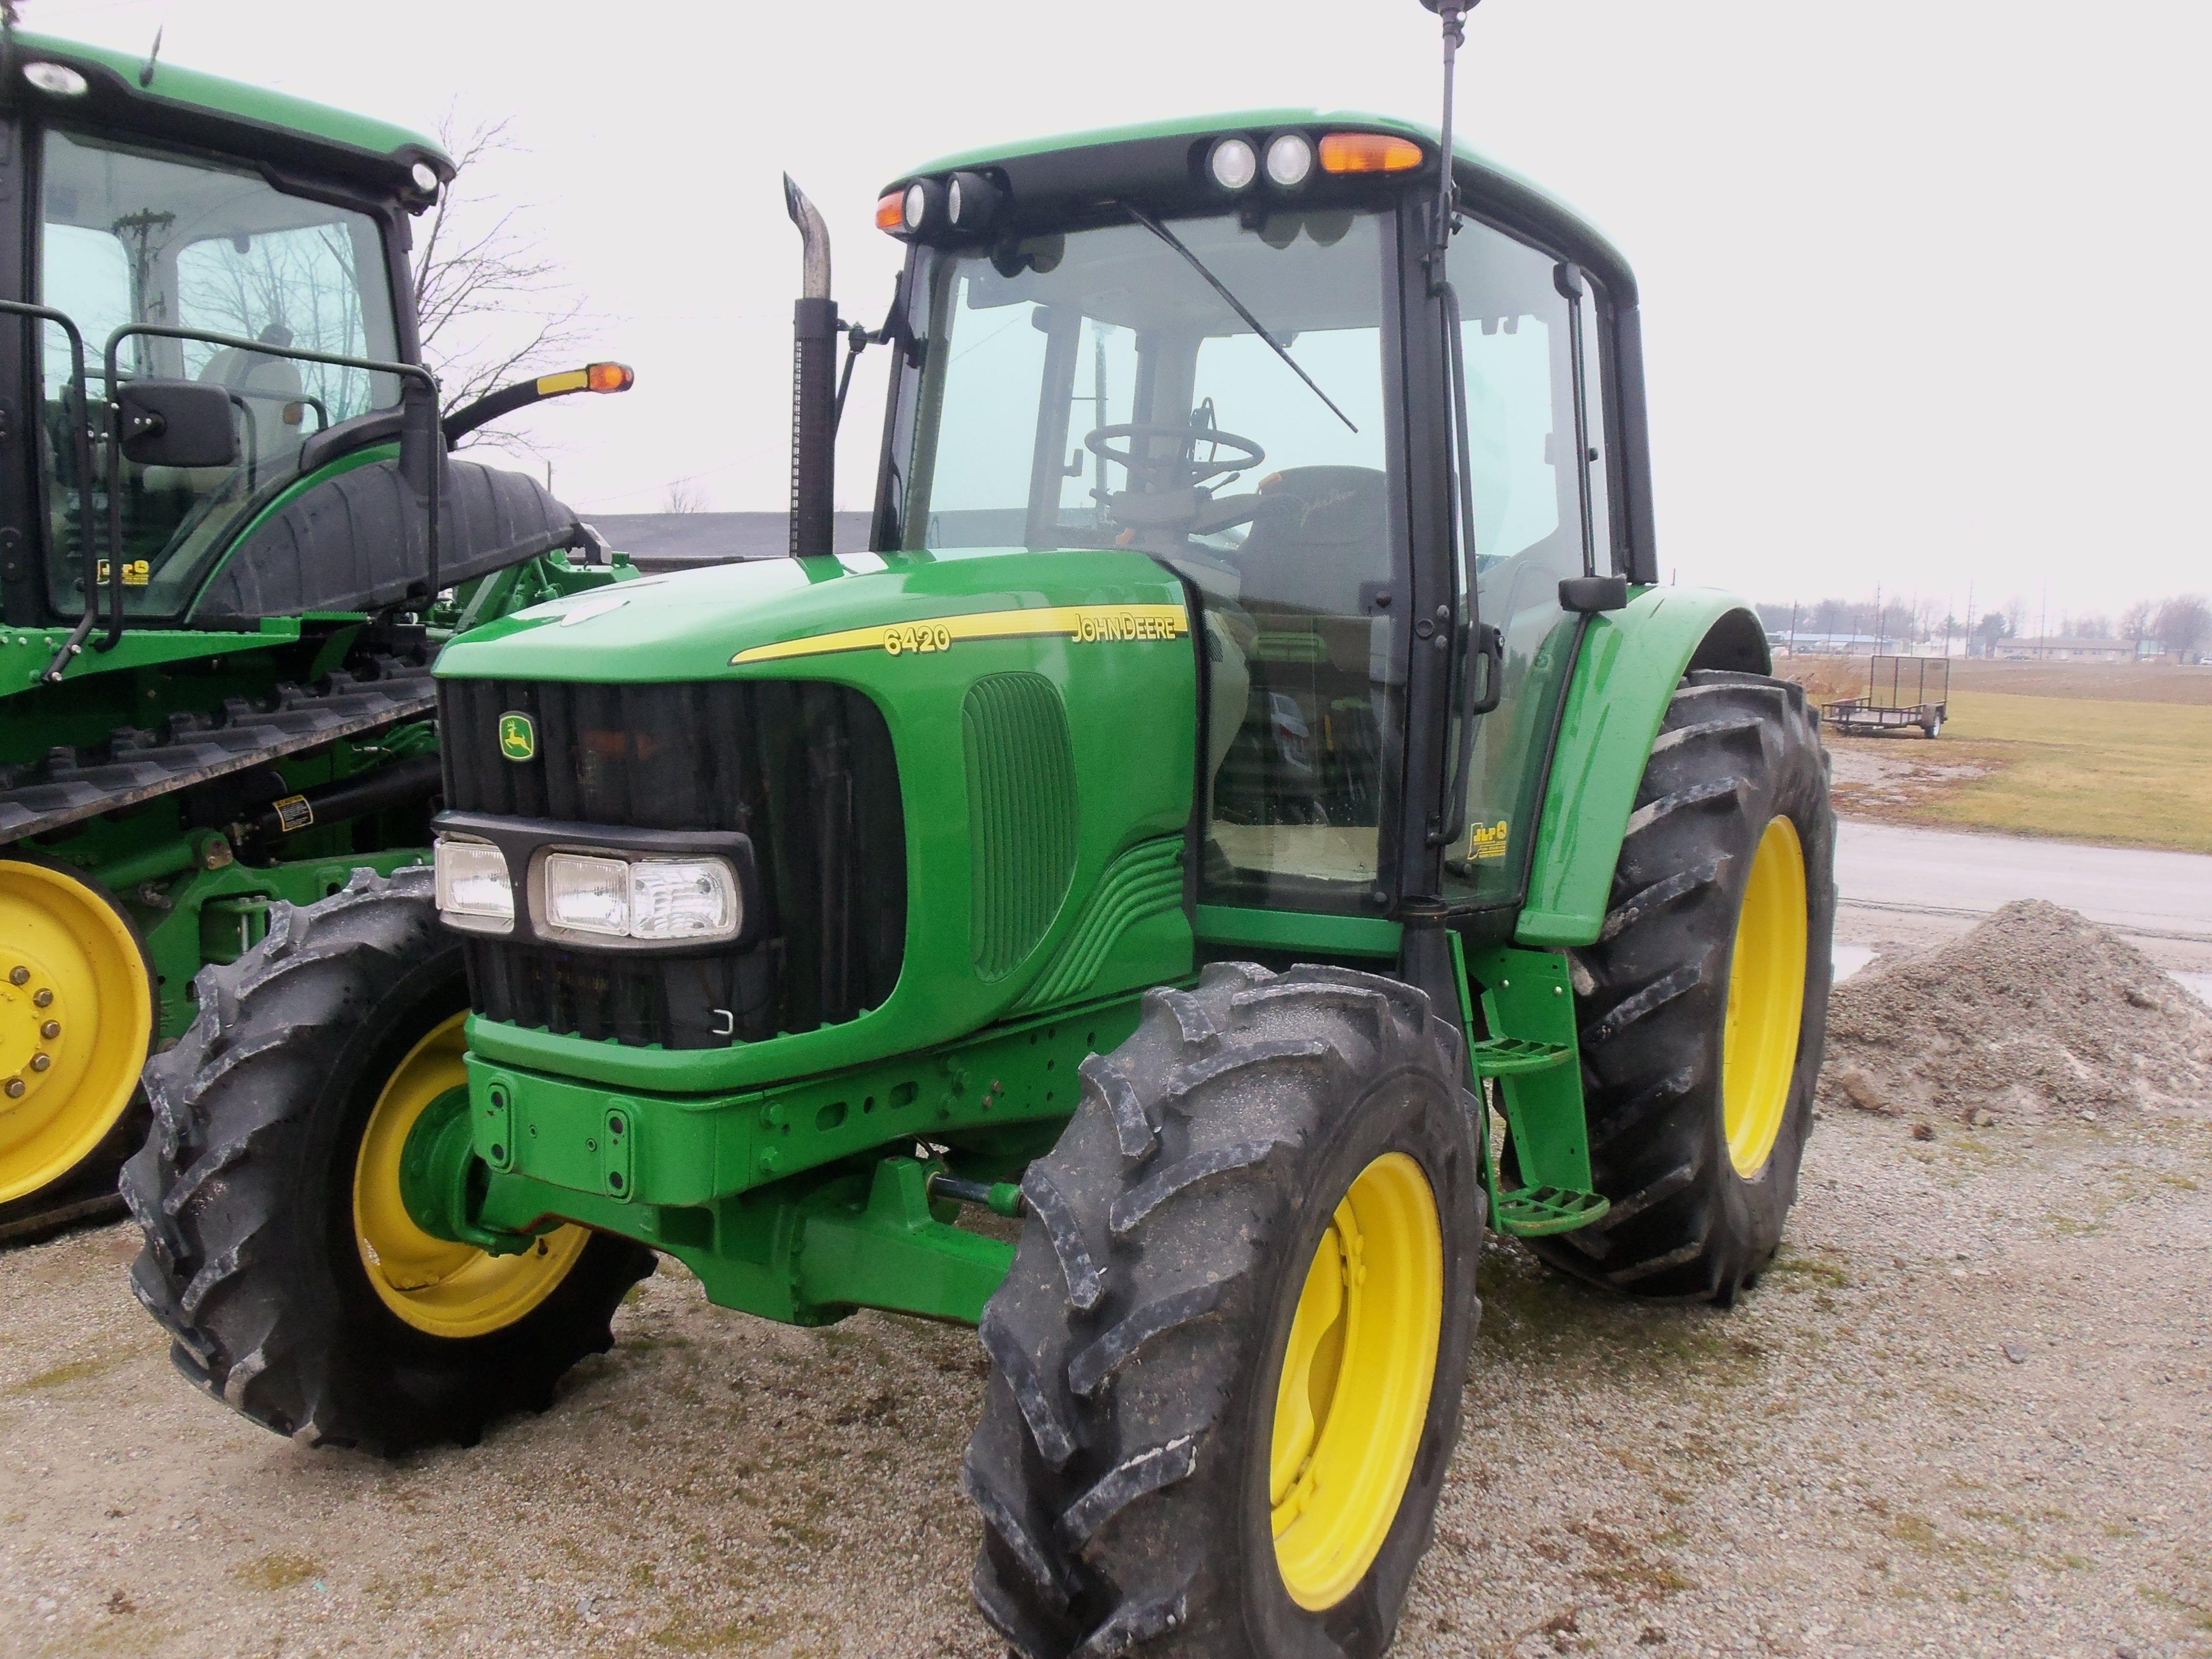 Front Tractor Fenders Ls Tractor : Hp john deere would look better if it had front